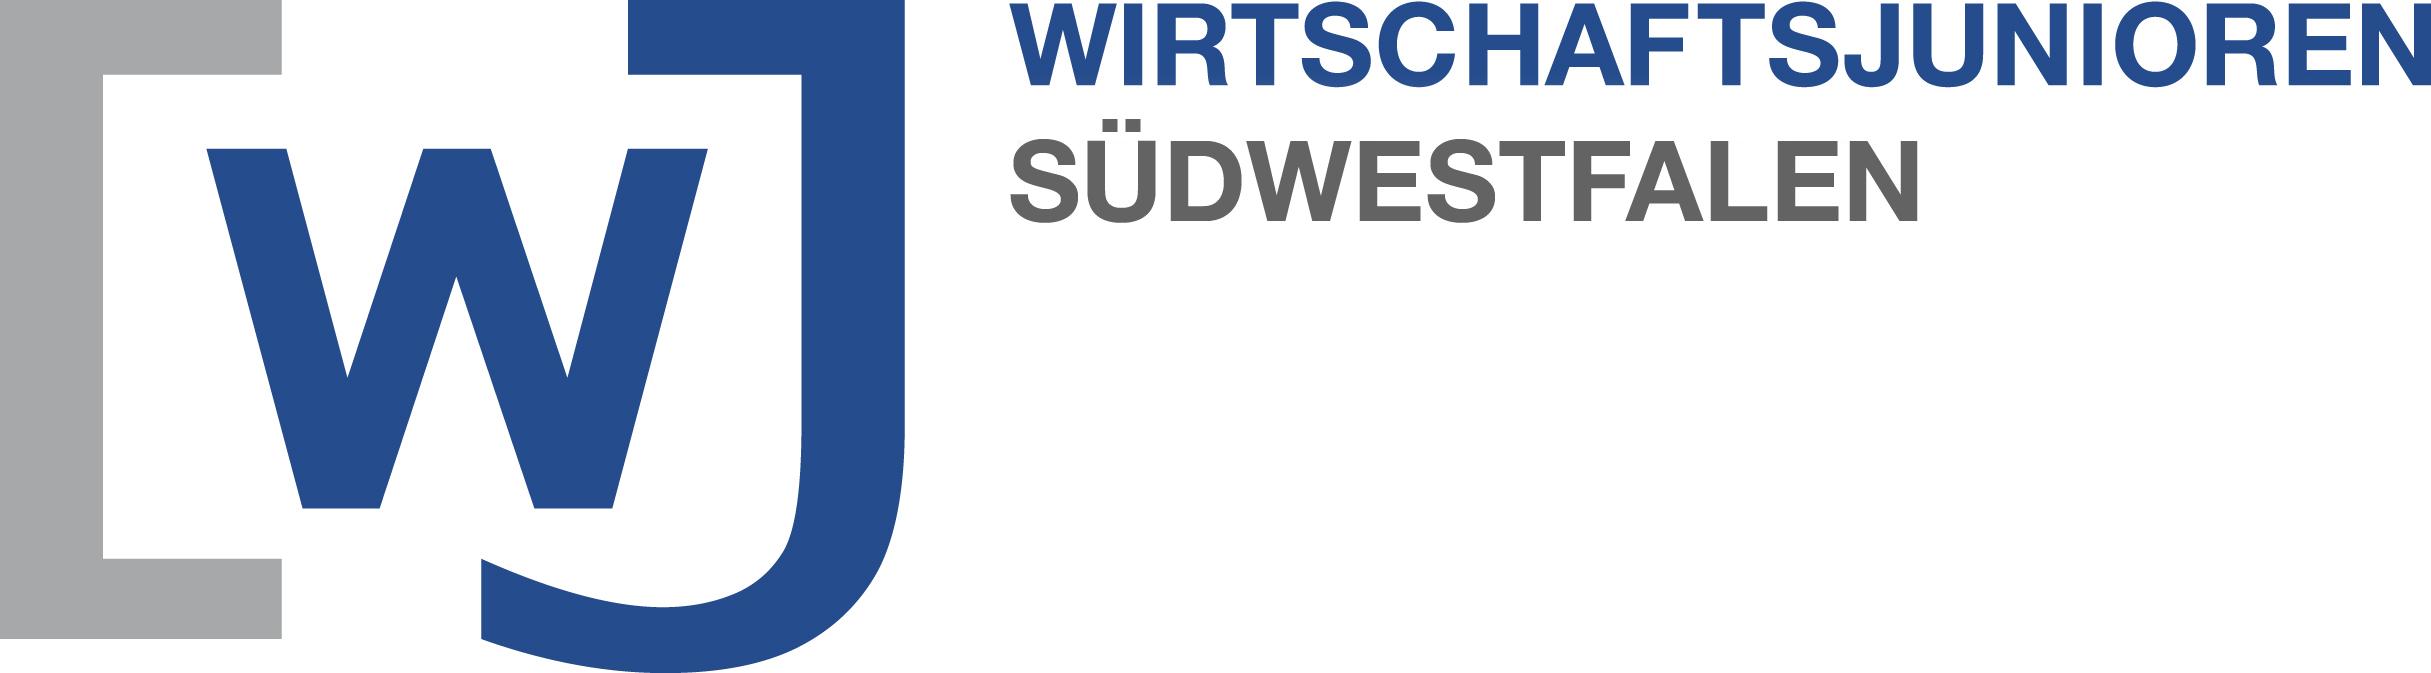 Wirtschaftsjunioren Südwestfalen e. V.